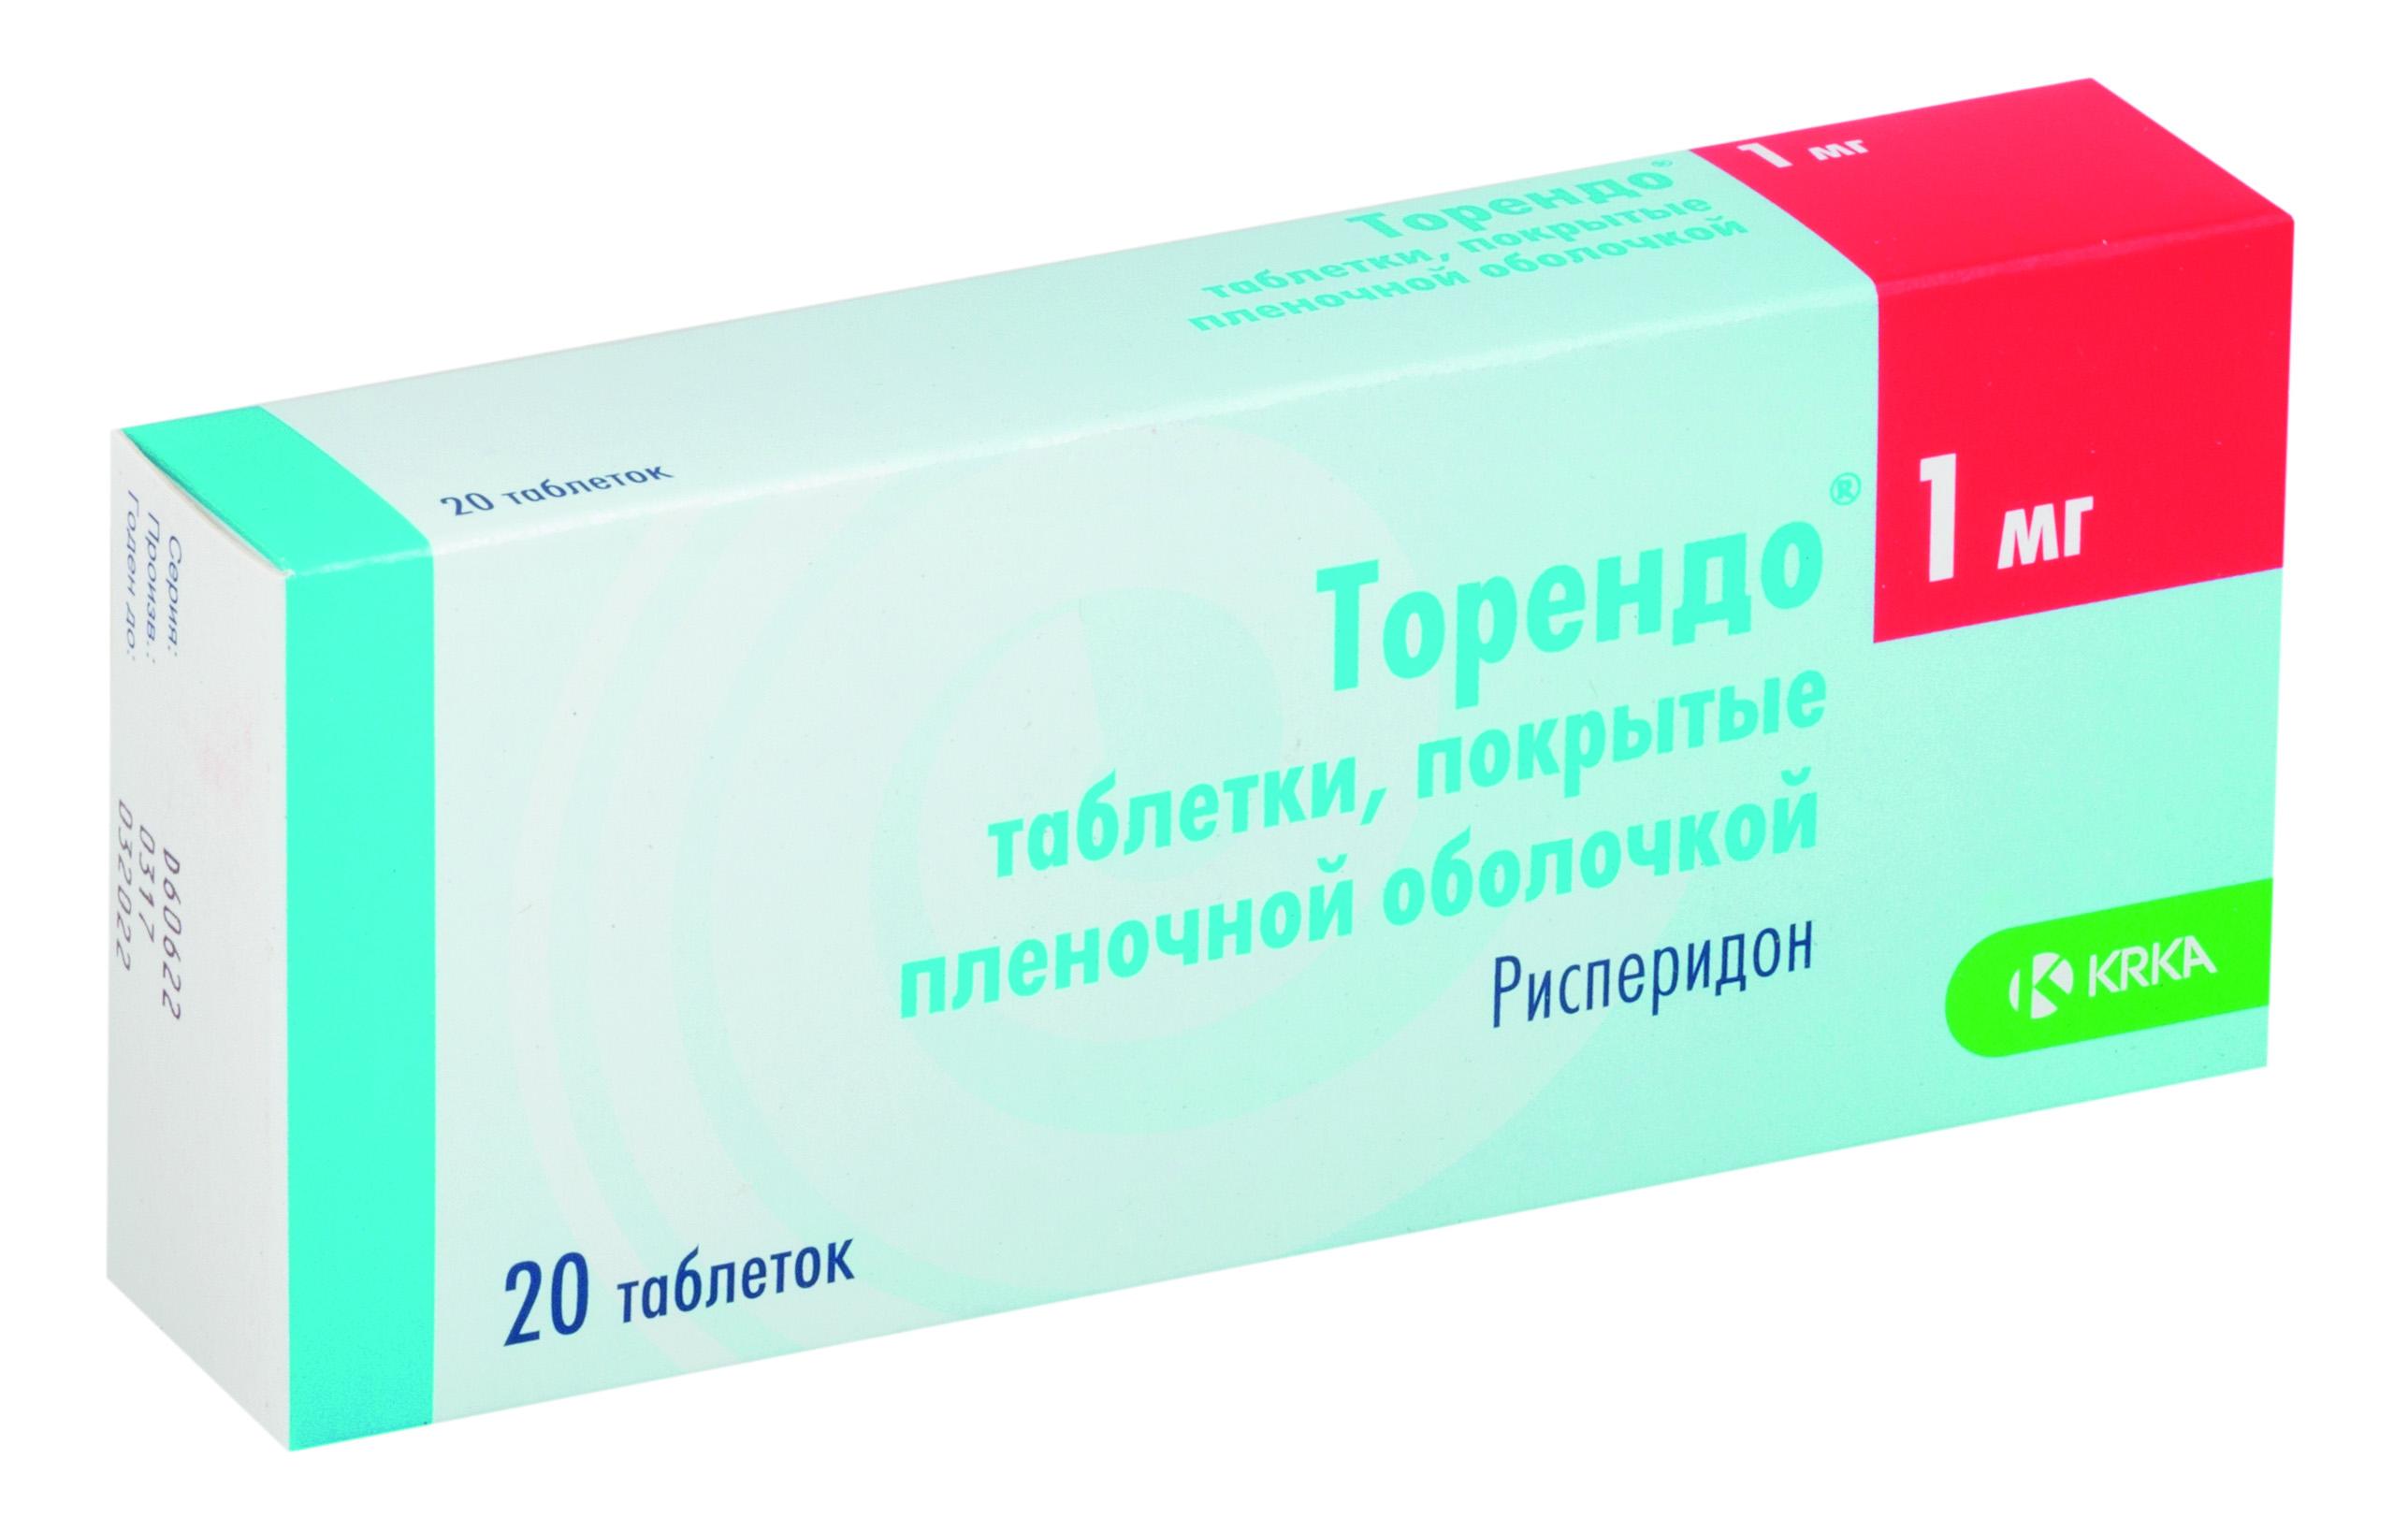 Торендо таб. покр. плен. обол. 1 мг (блистеры) №20